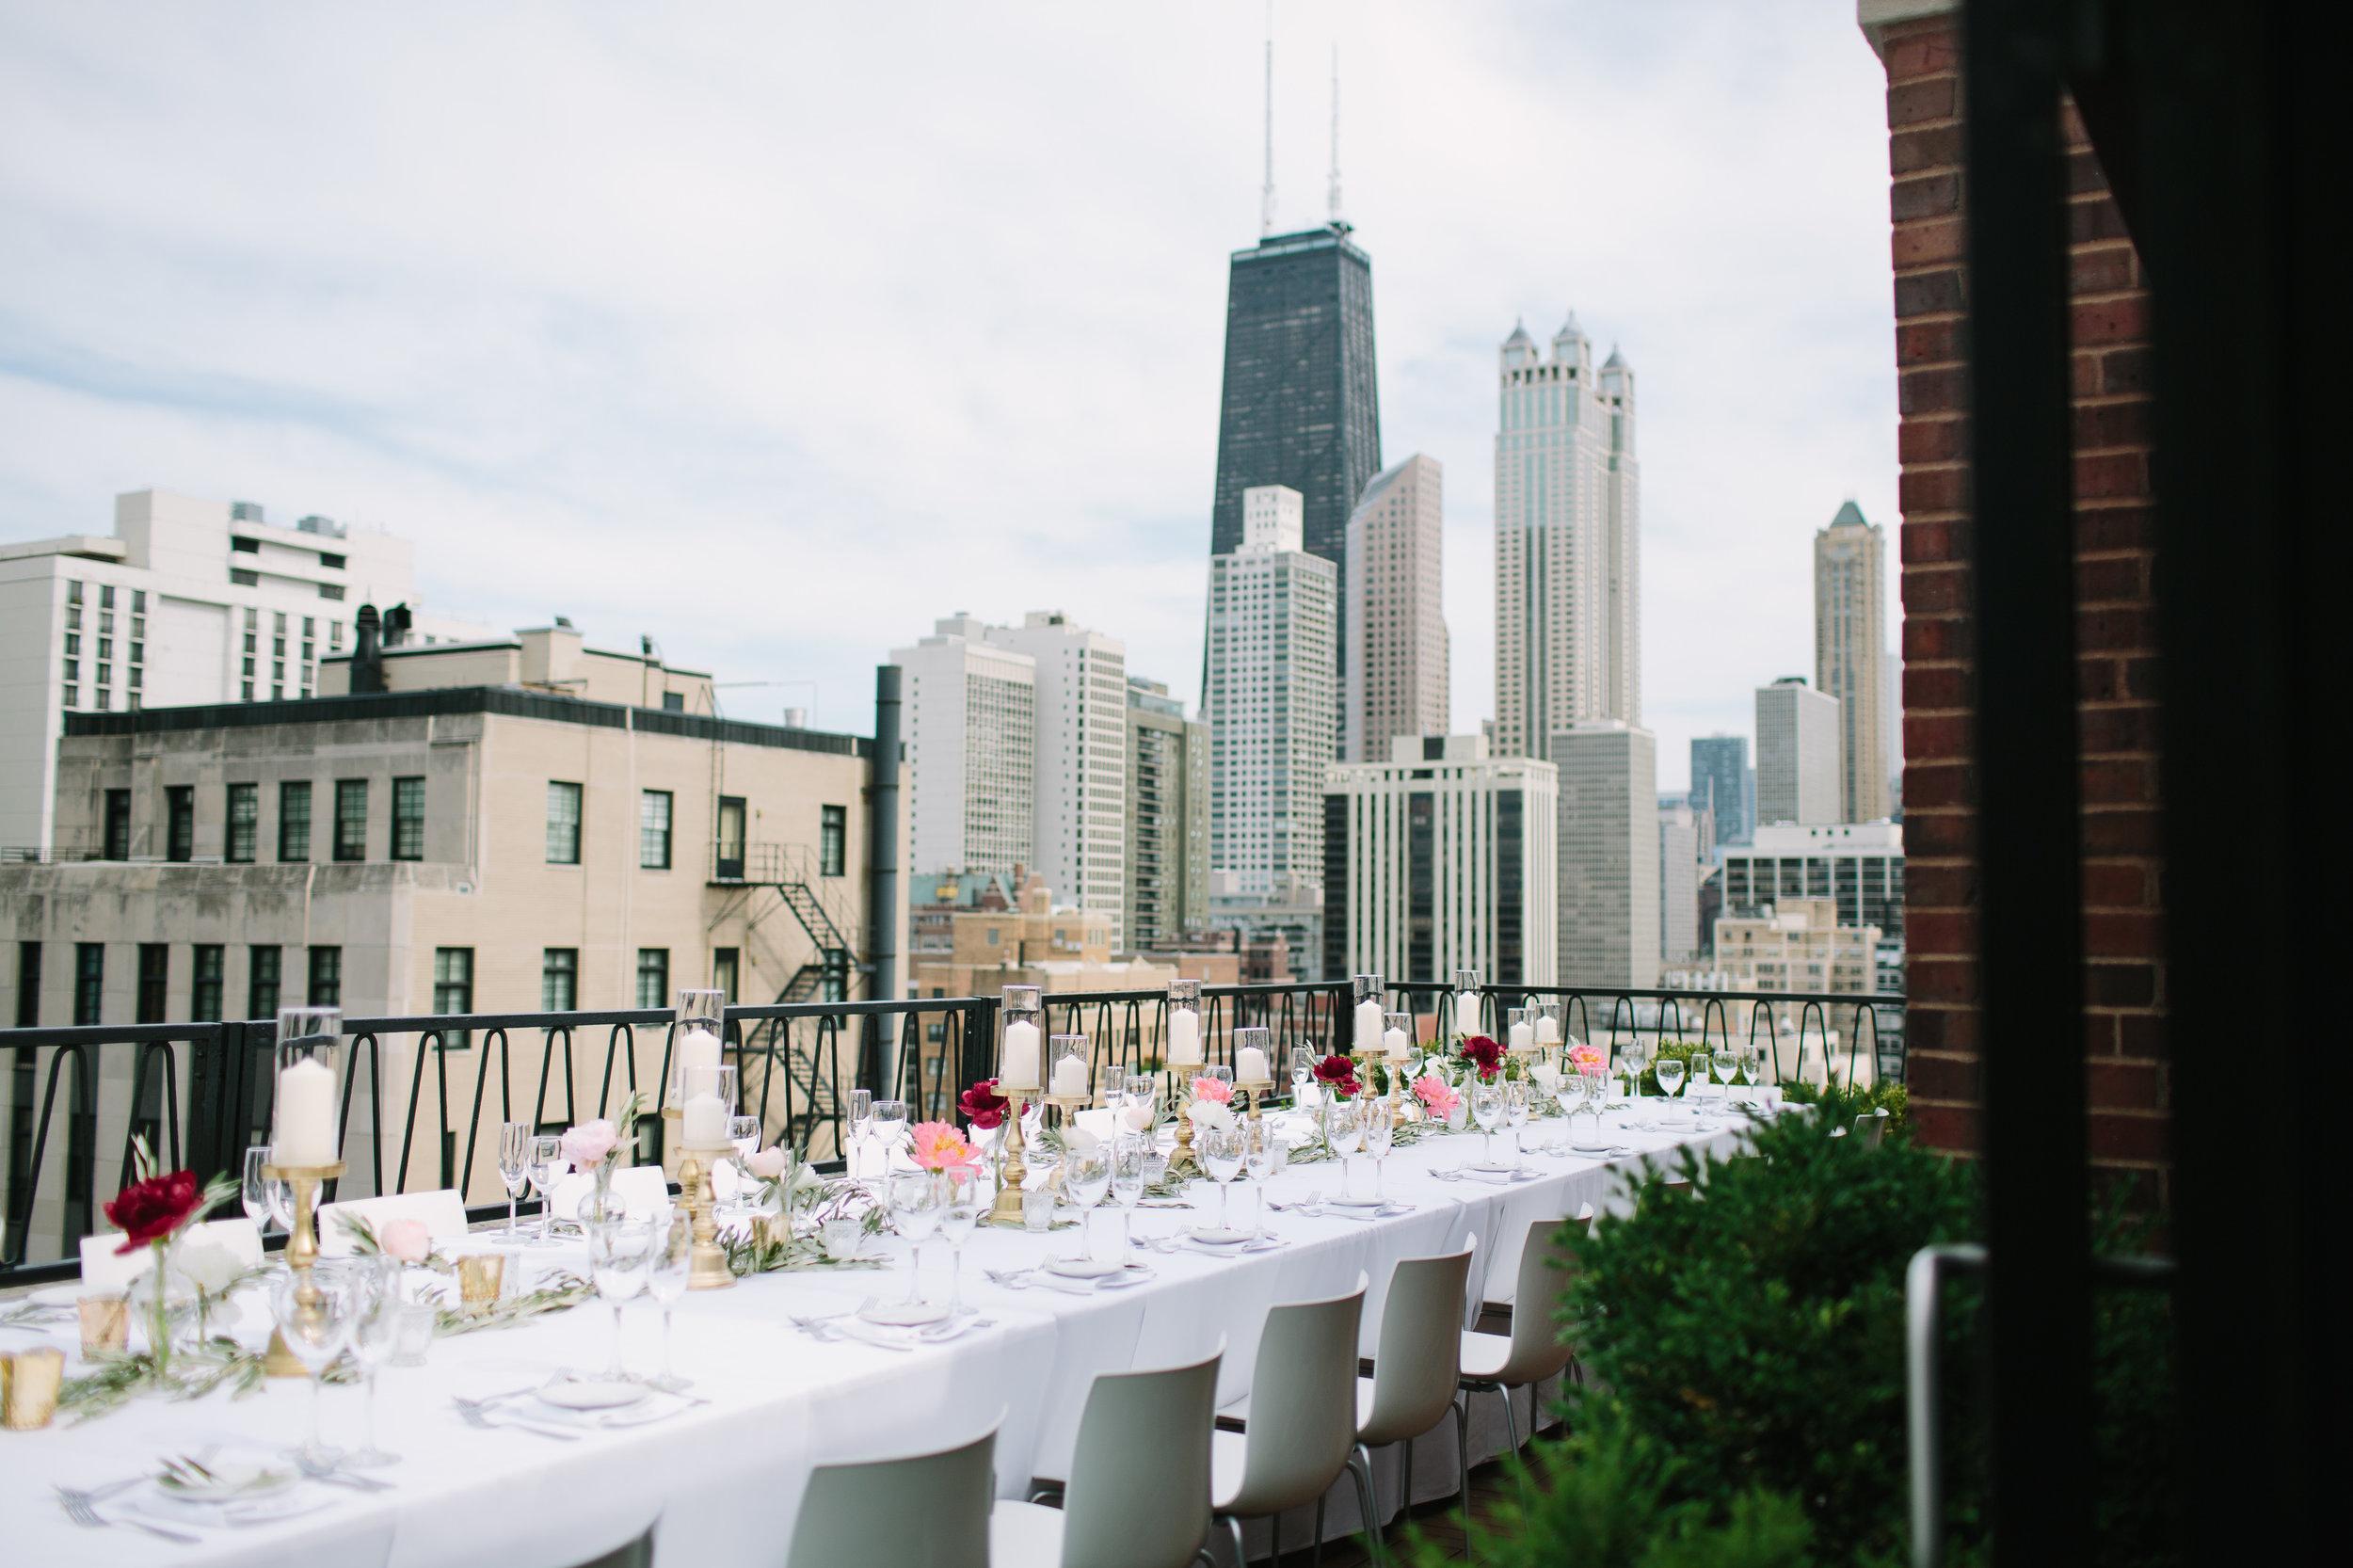 Nicodem Creative-Wang Wedding-Public Hotel Chicago-25.jpg